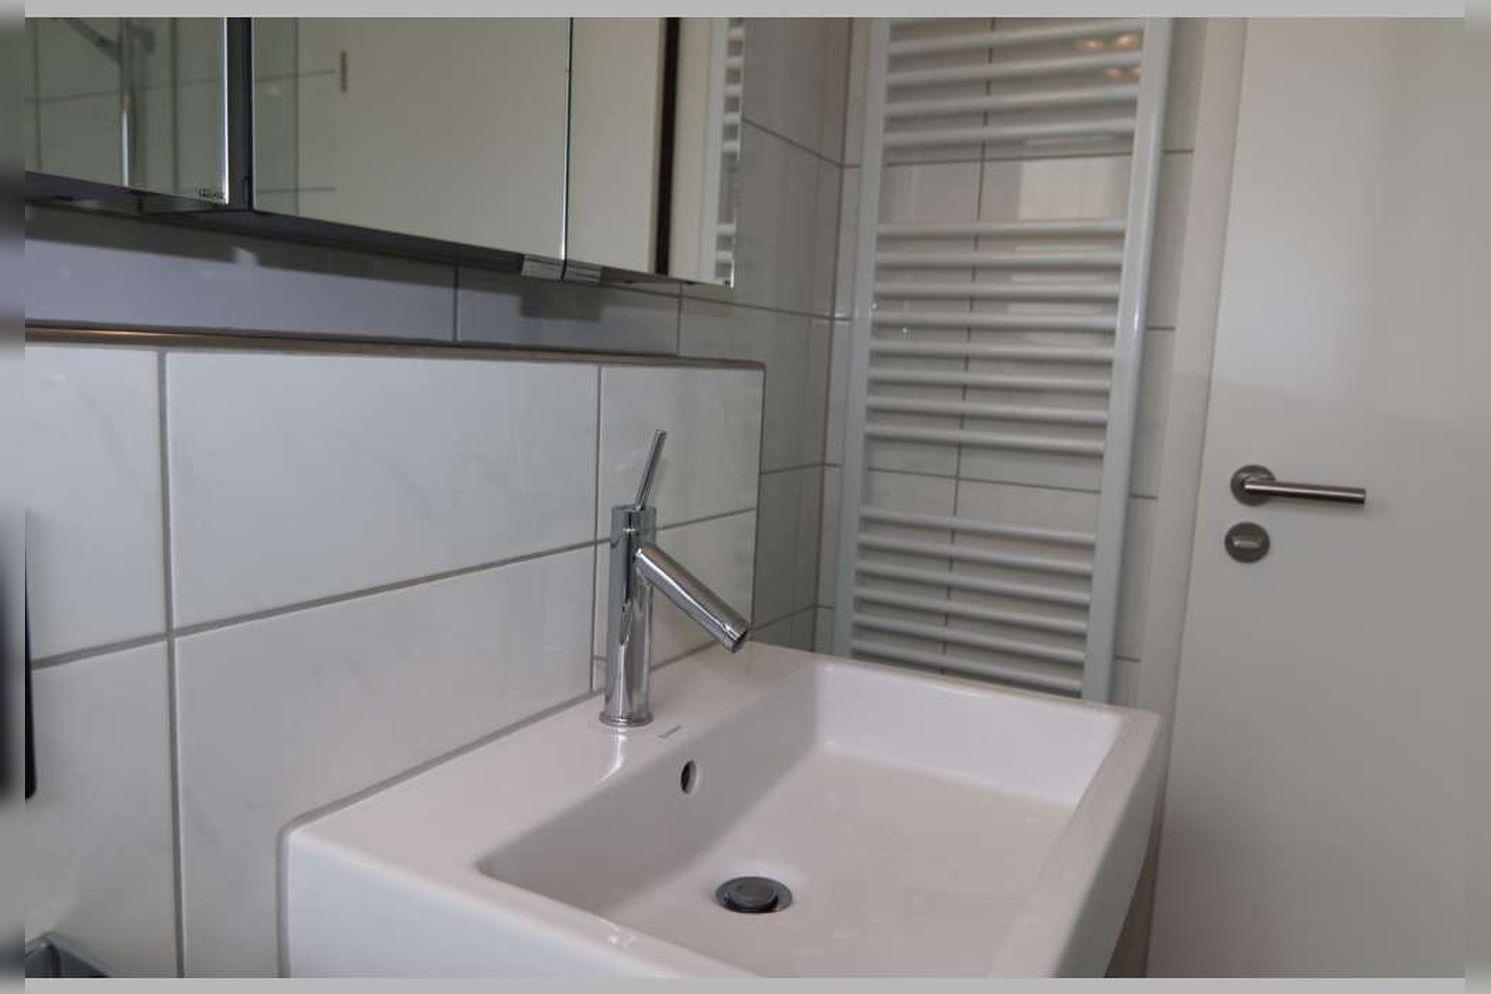 Immobilie Nr.0267 - Doppelhaushälfte mit 4 Zimmern, Küche, Diele, Badzimmer, Gäste-WC, Garten und Garage - nicht unterkellert - Bild 17.jpg